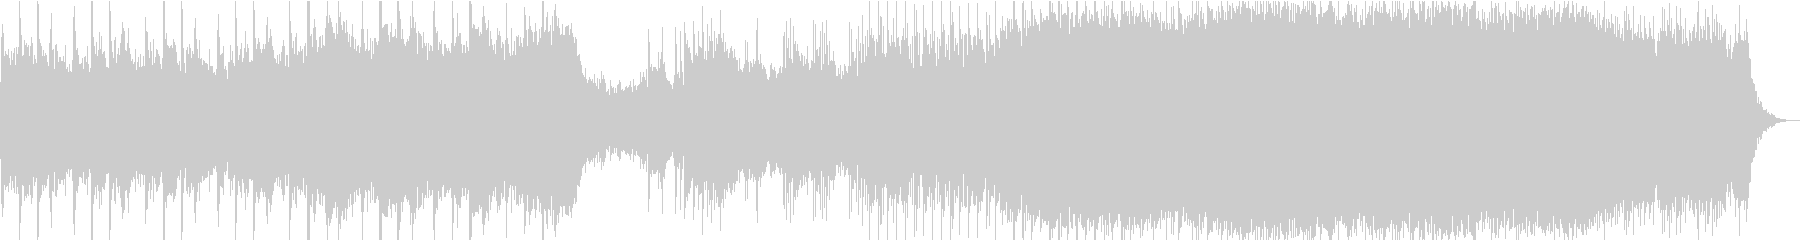 ロックオーケストラ 戦い 高音質verの未再生の波形